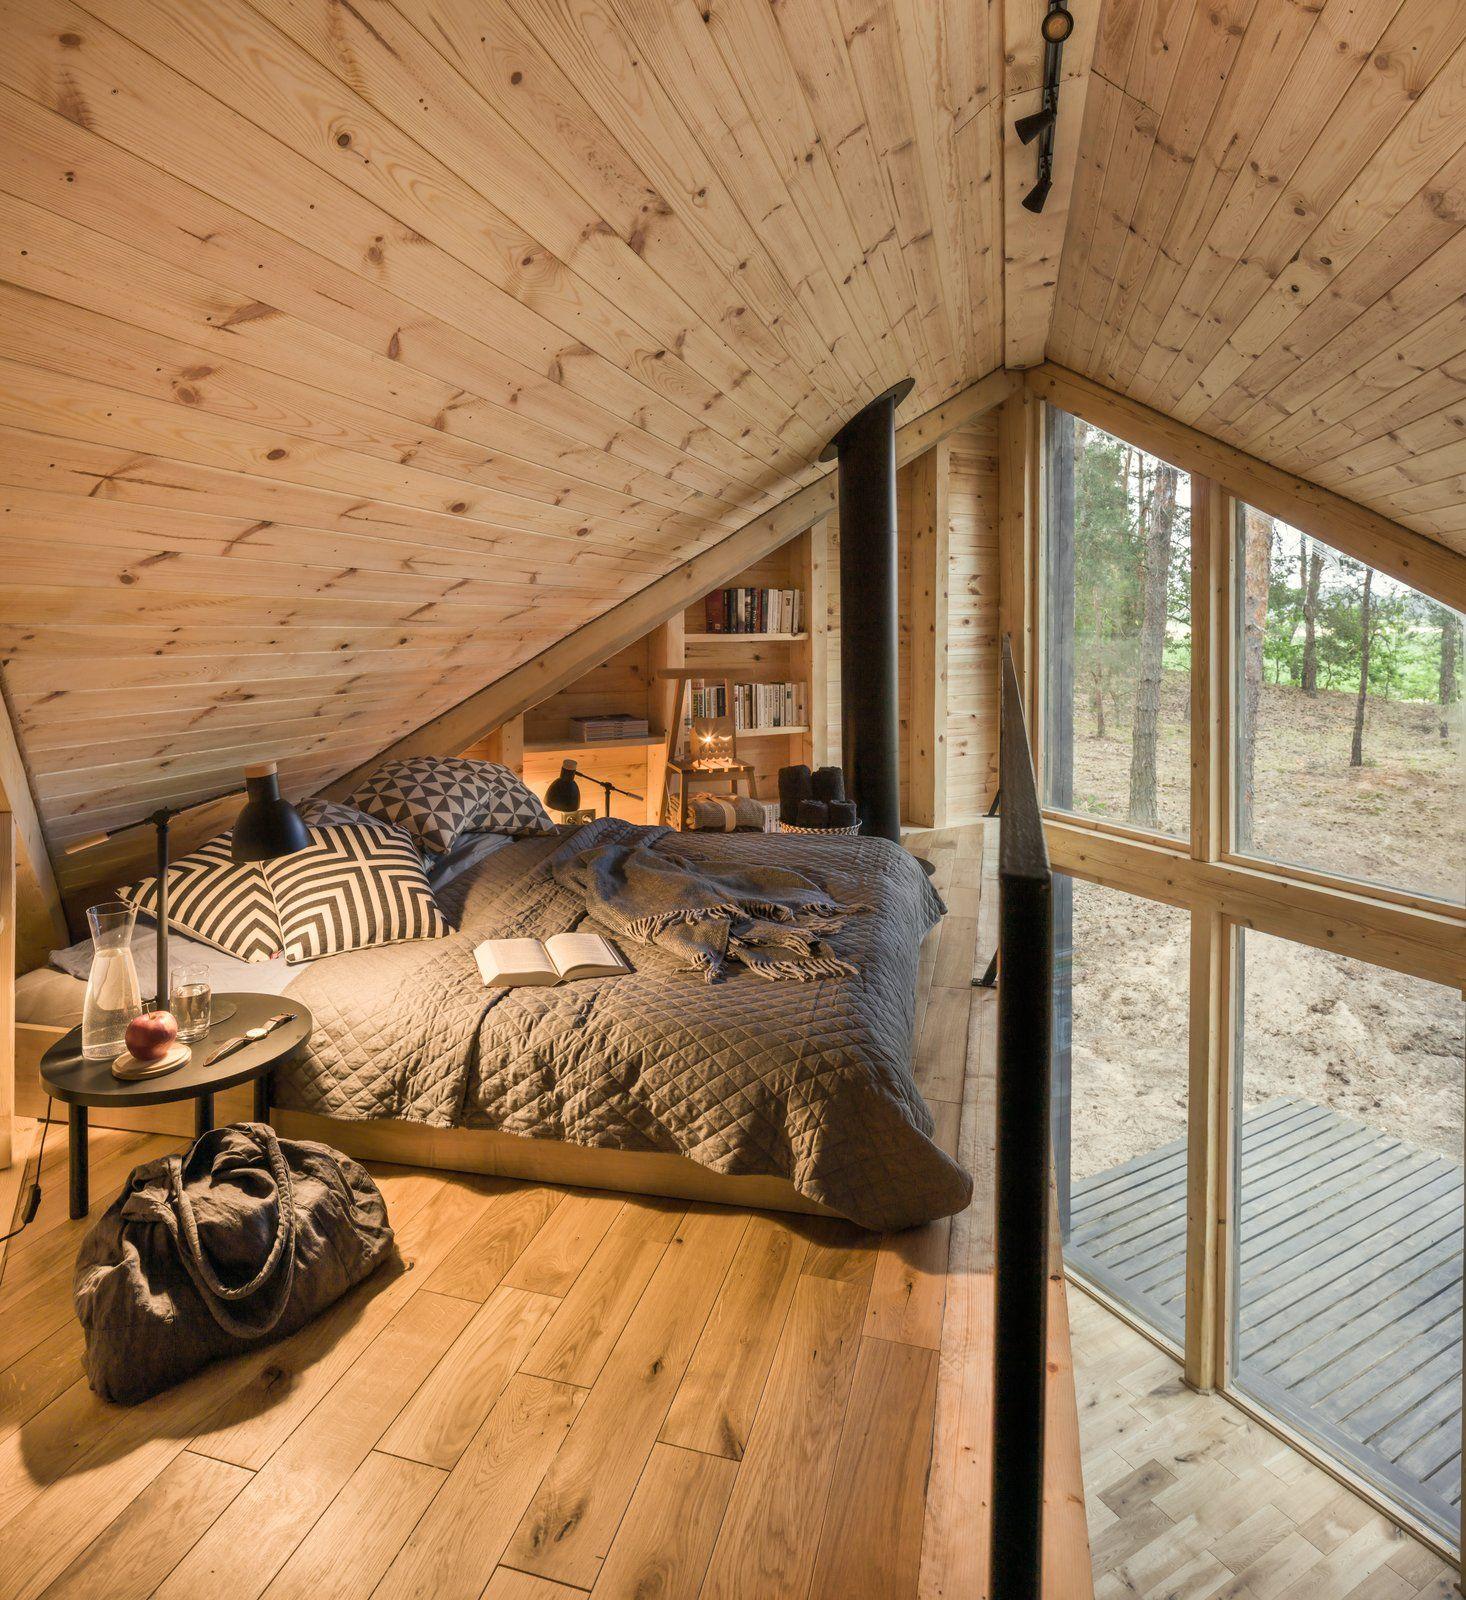 Une petite maison au design bois de 35m2 pour passer ses week-ends (et vous pouvez la louer !) - PLANETE DECO a homes world